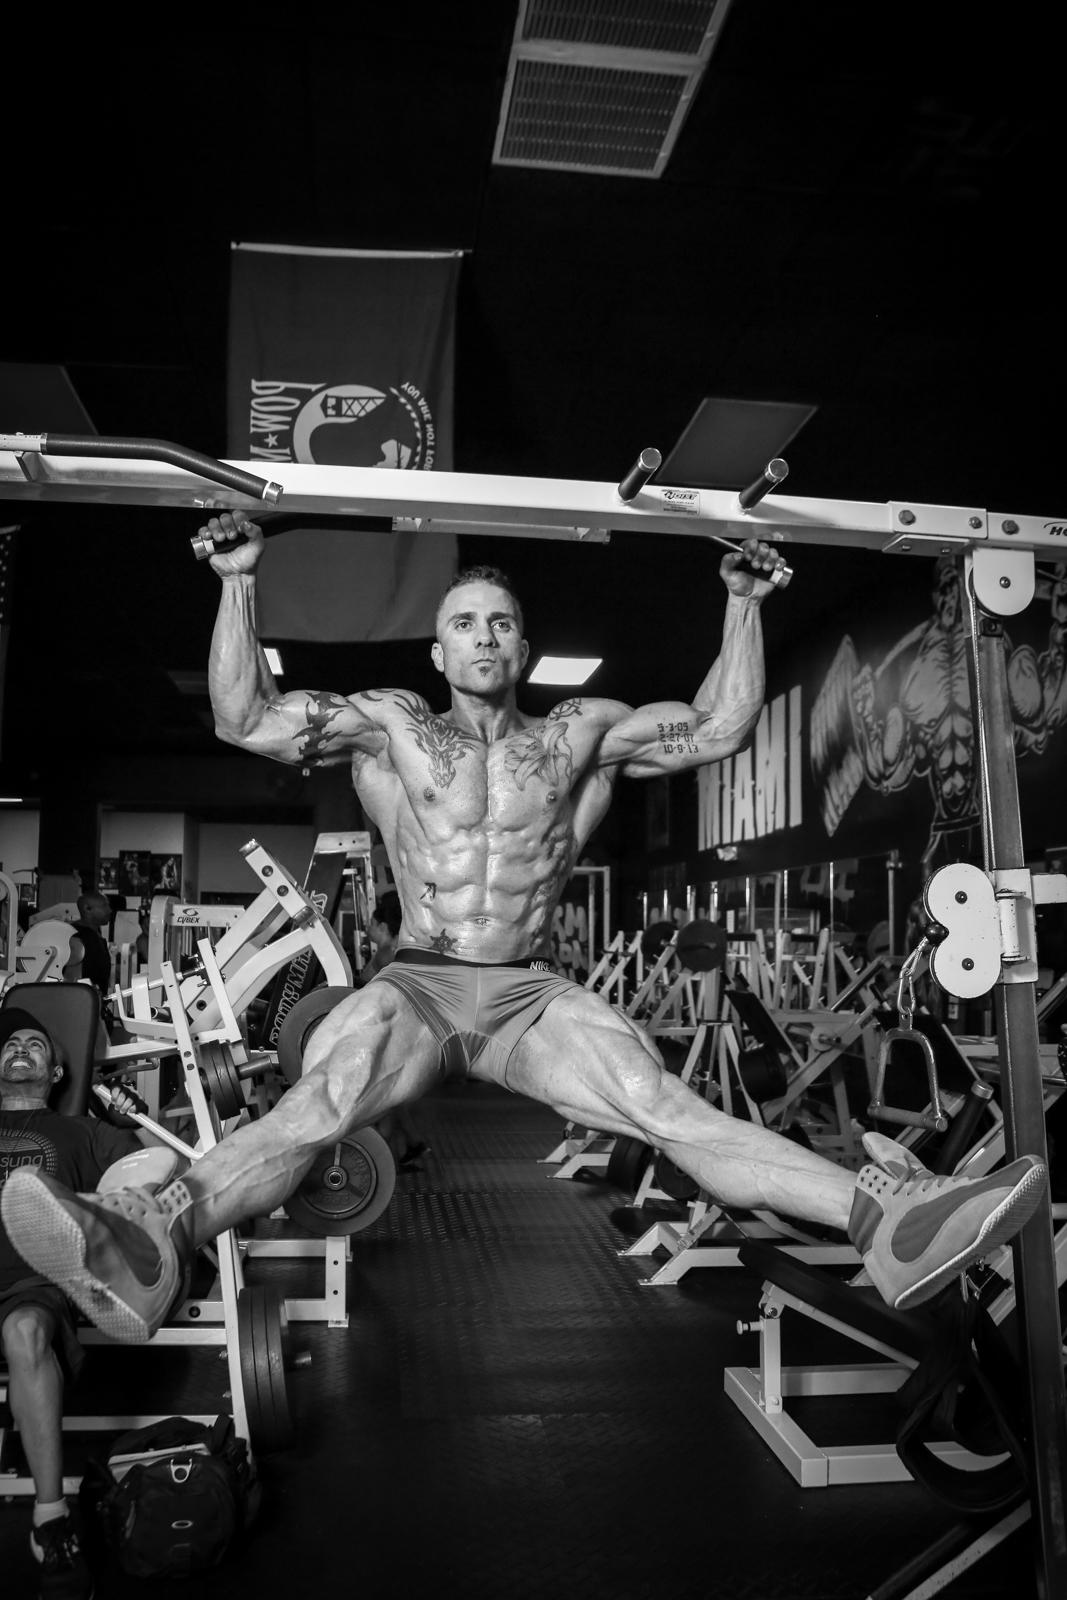 Jorge Rodriguez, Athlete